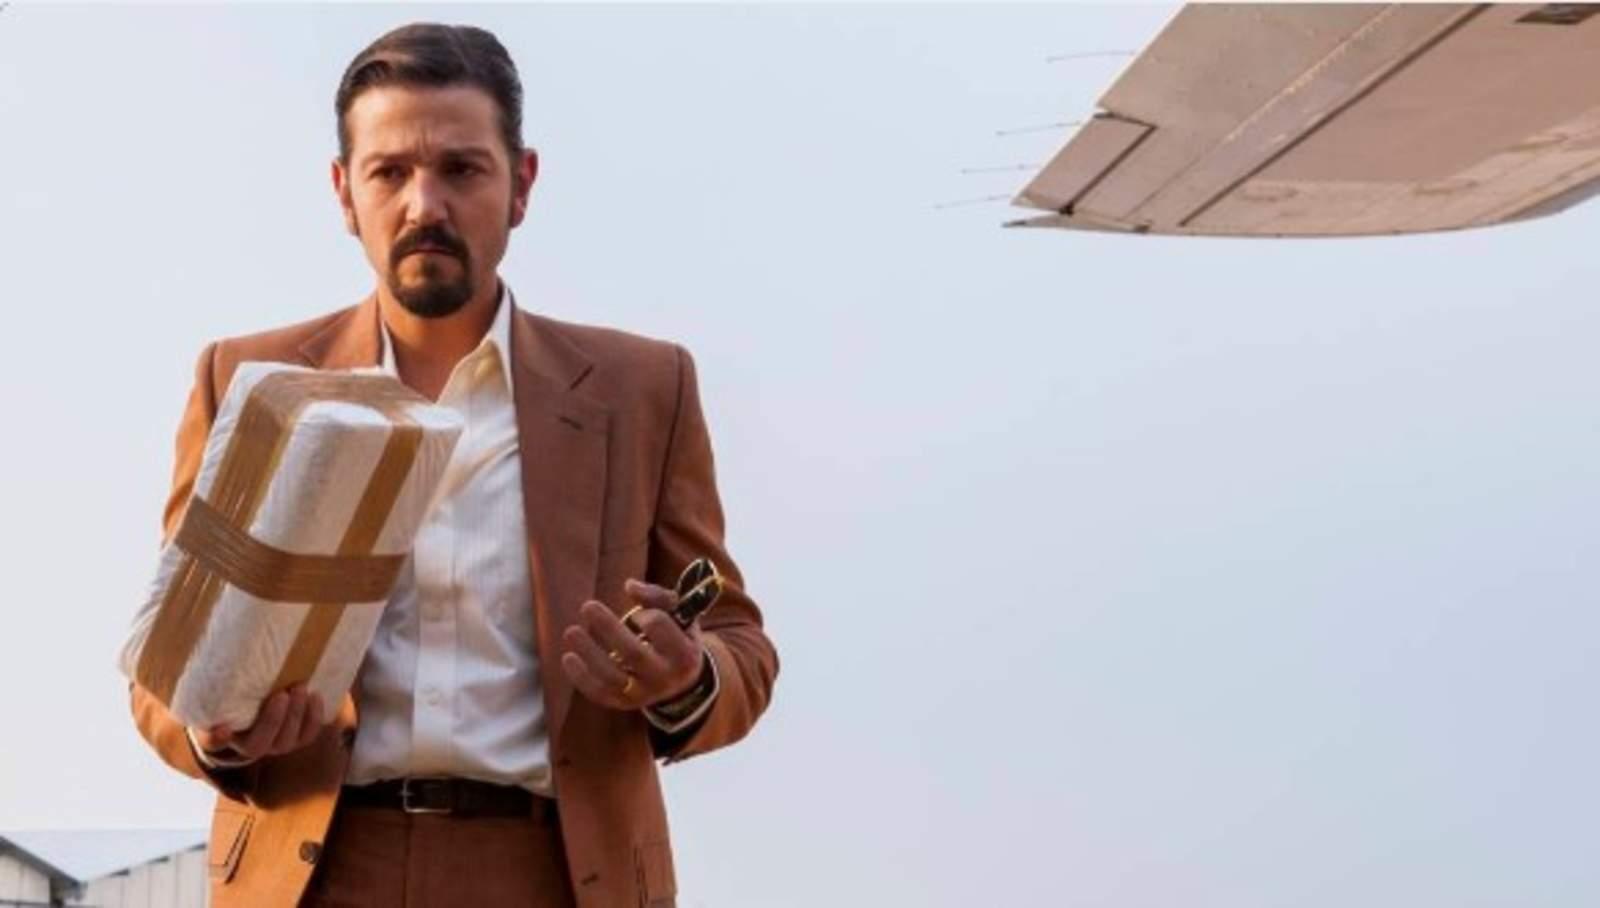 Sí habrá segunda temporada de Narcos: México